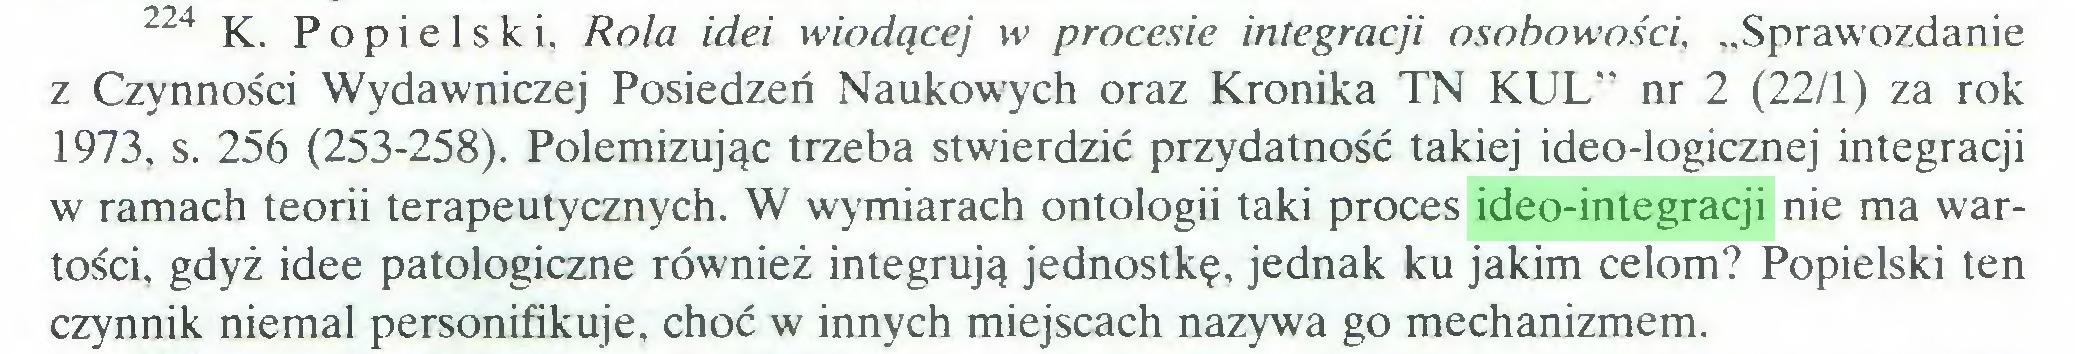 """(...) 224 K. Popielski. Rola idei wiodącej w procesie integracji osobowości, """"Sprawozdanie z Czynności Wydawniczej Posiedzeń Naukowych oraz Kronika TN KUL"""" nr 2 (22/1) za rok 1973, s. 256 (253-258). Polemizując trzeba stwierdzić przydatność takiej ideo-logicznej integracji w ramach teorii terapeutycznych. W wymiarach ontologii taki proces ideo-integracji nie ma wartości, gdyż idee patologiczne również integrują jednostkę, jednak ku jakim celom? Popielski ten czynnik niemal personifikuje, choć w innych miejscach nazywa go mechanizmem..."""